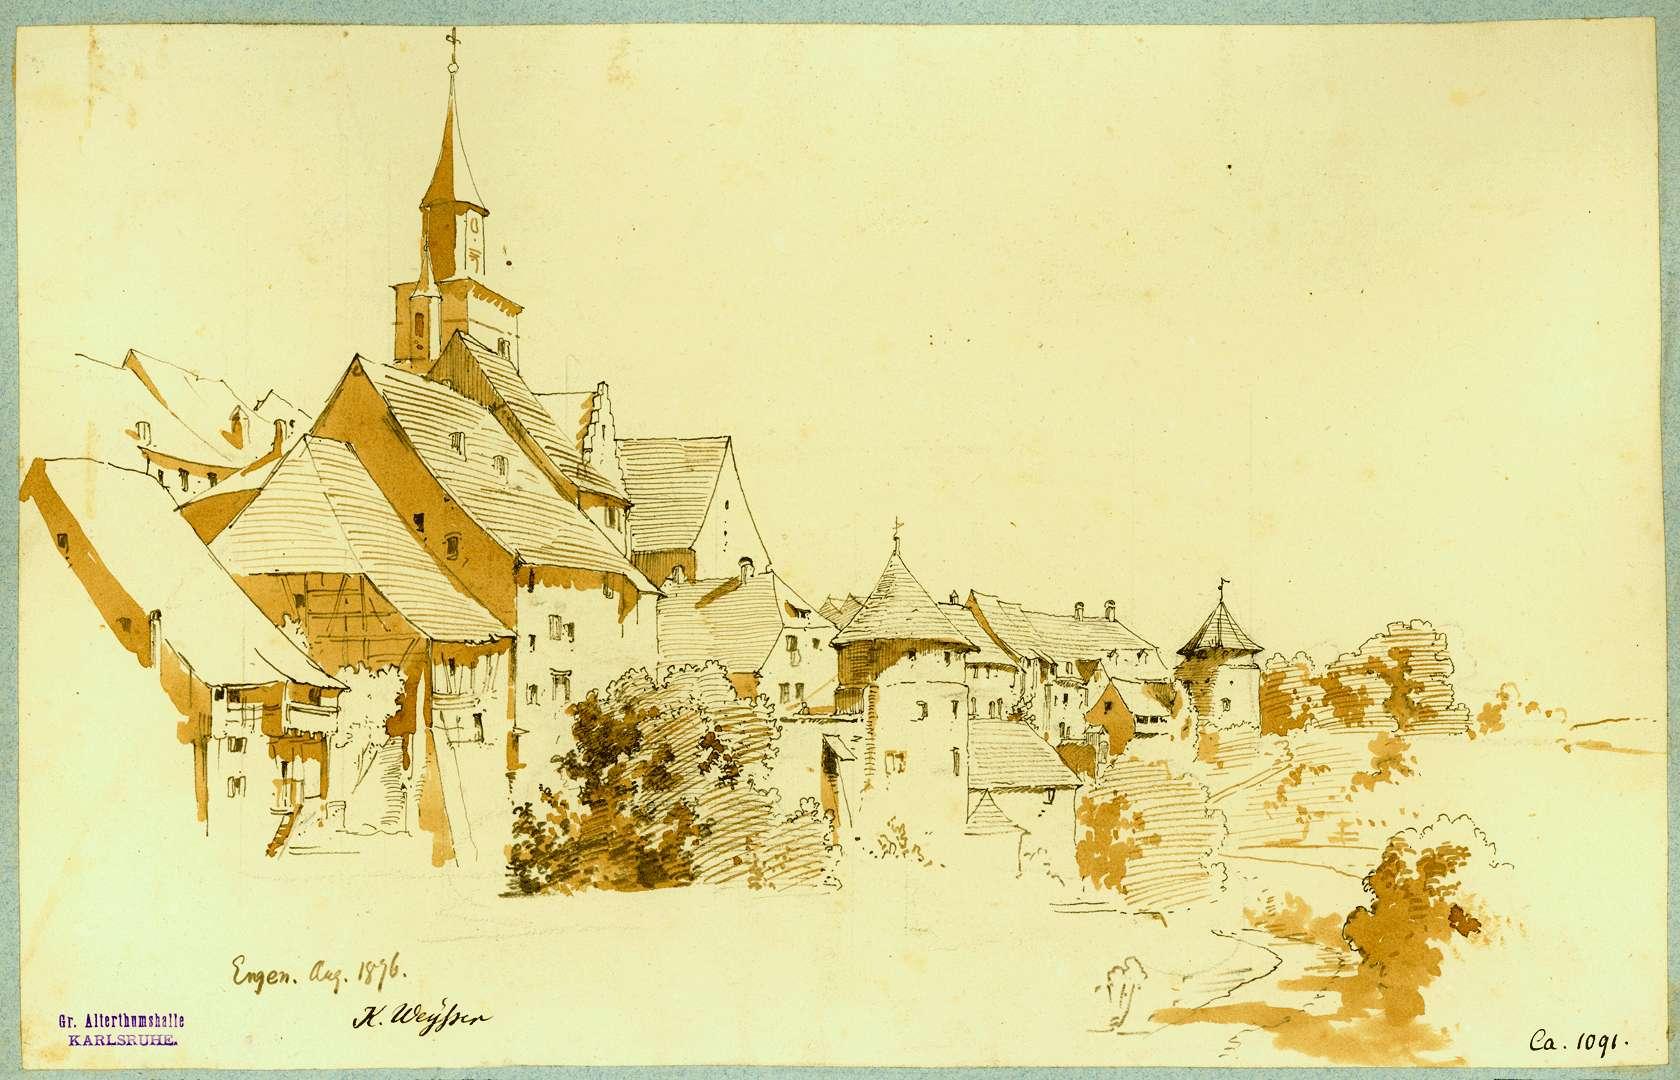 Engen Stadtansicht mit Wehrtürmen der Stadtmauer im Vordergrund, Bild 1